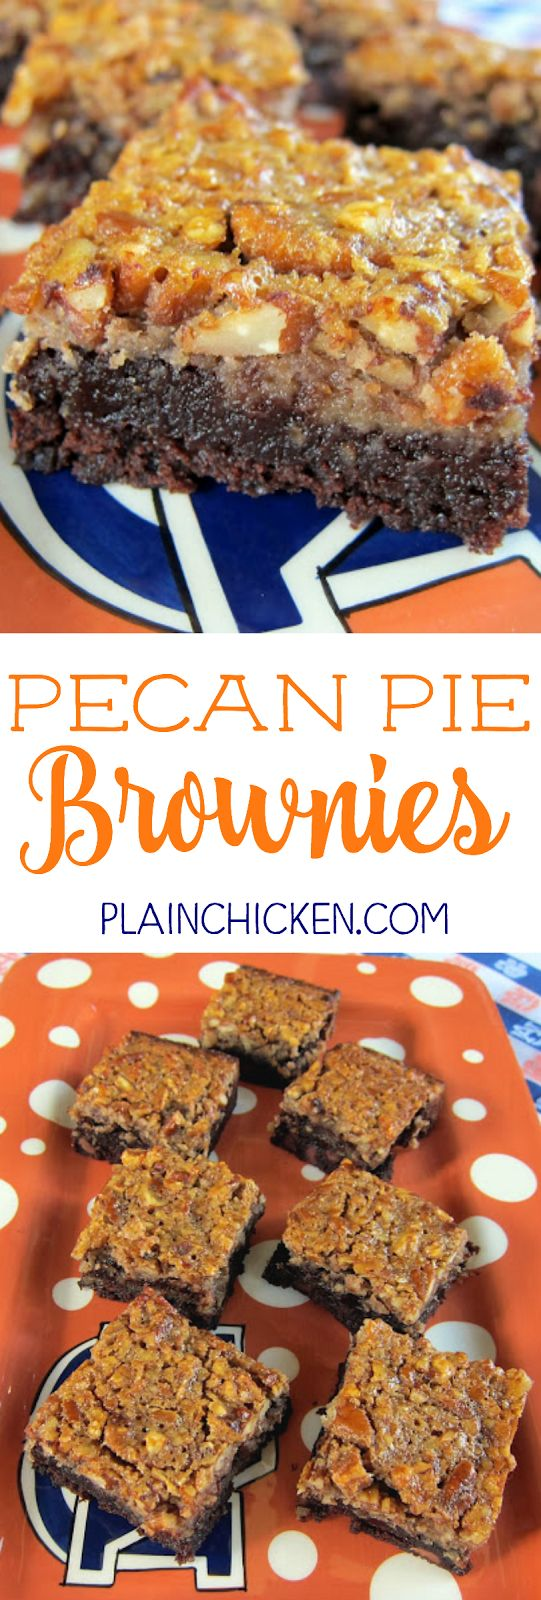 Pecan Pie Brownies - Football Friday